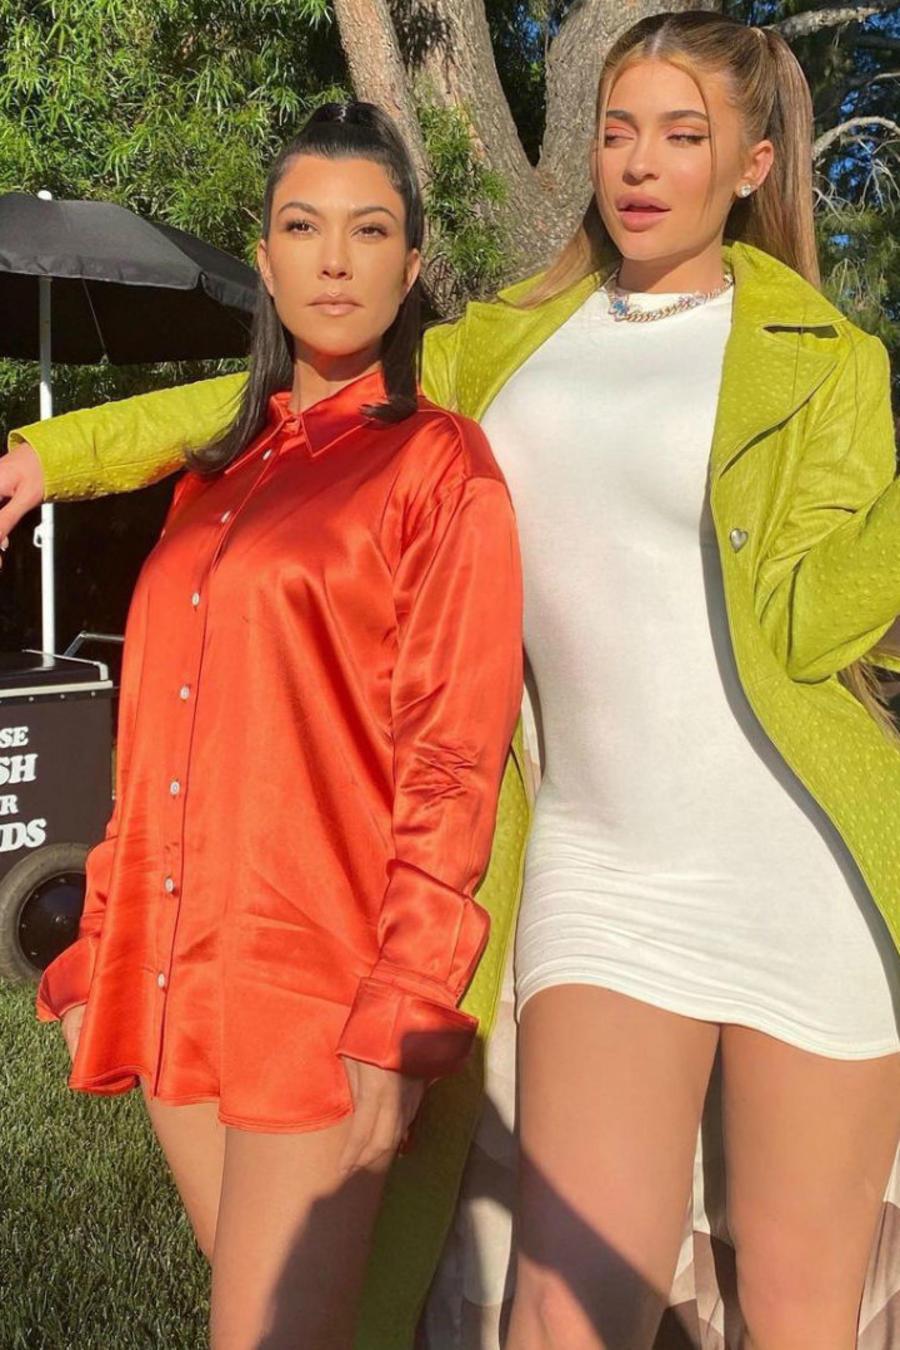 Dieta Keto de Kourtney Kardashian